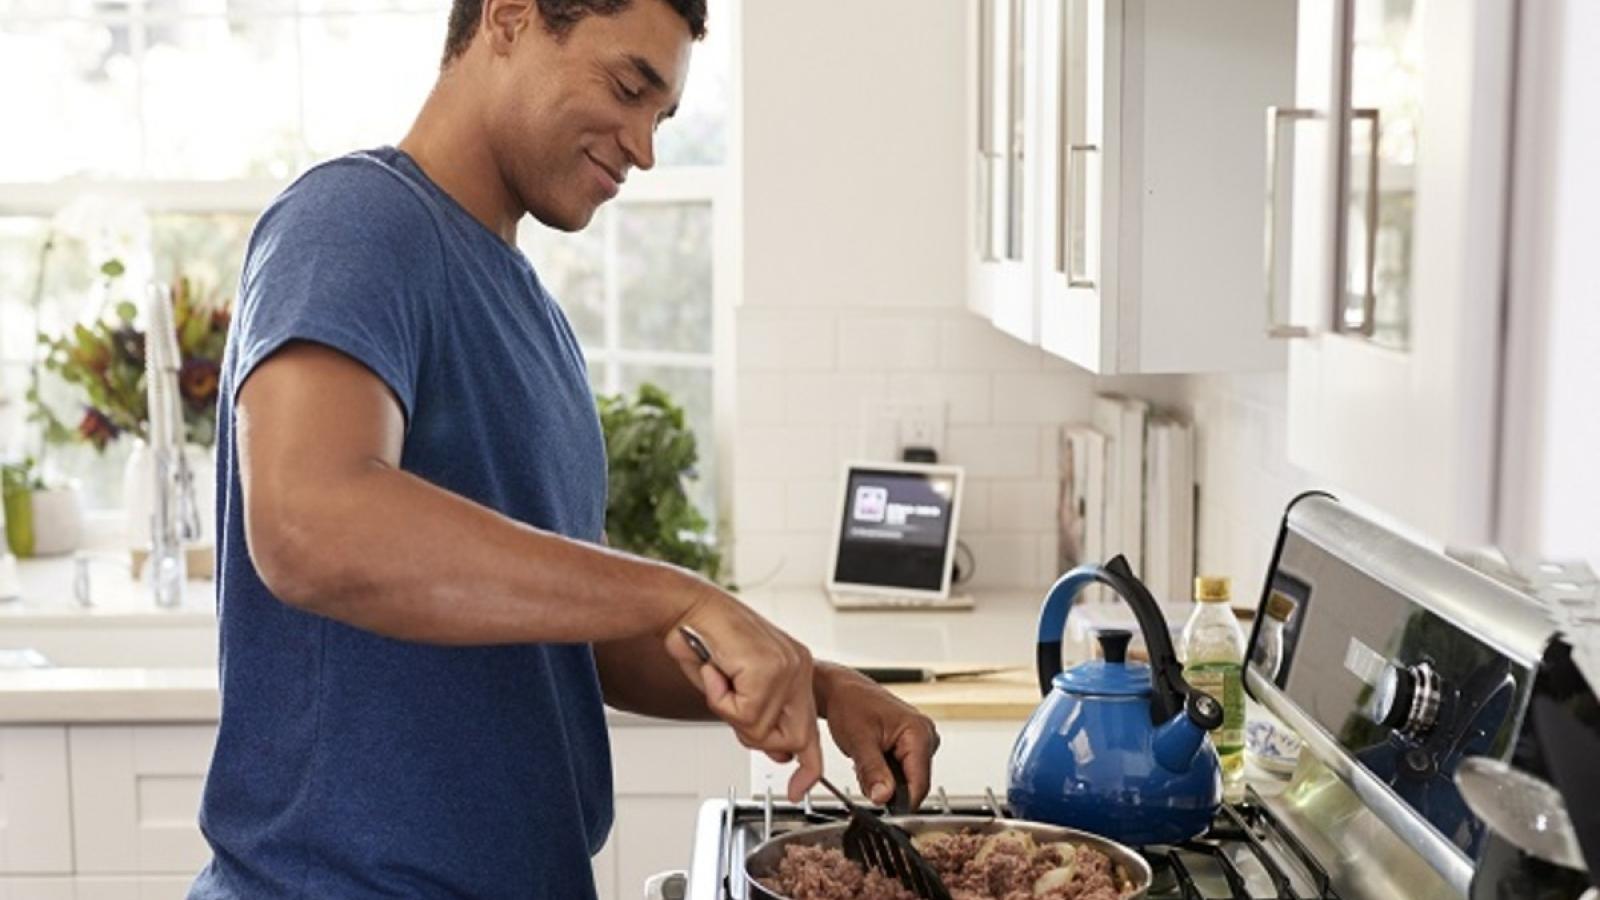 Thực phẩm lành mạnh giúp thanh lọc cơ thể sau kỳ nghỉ lễ